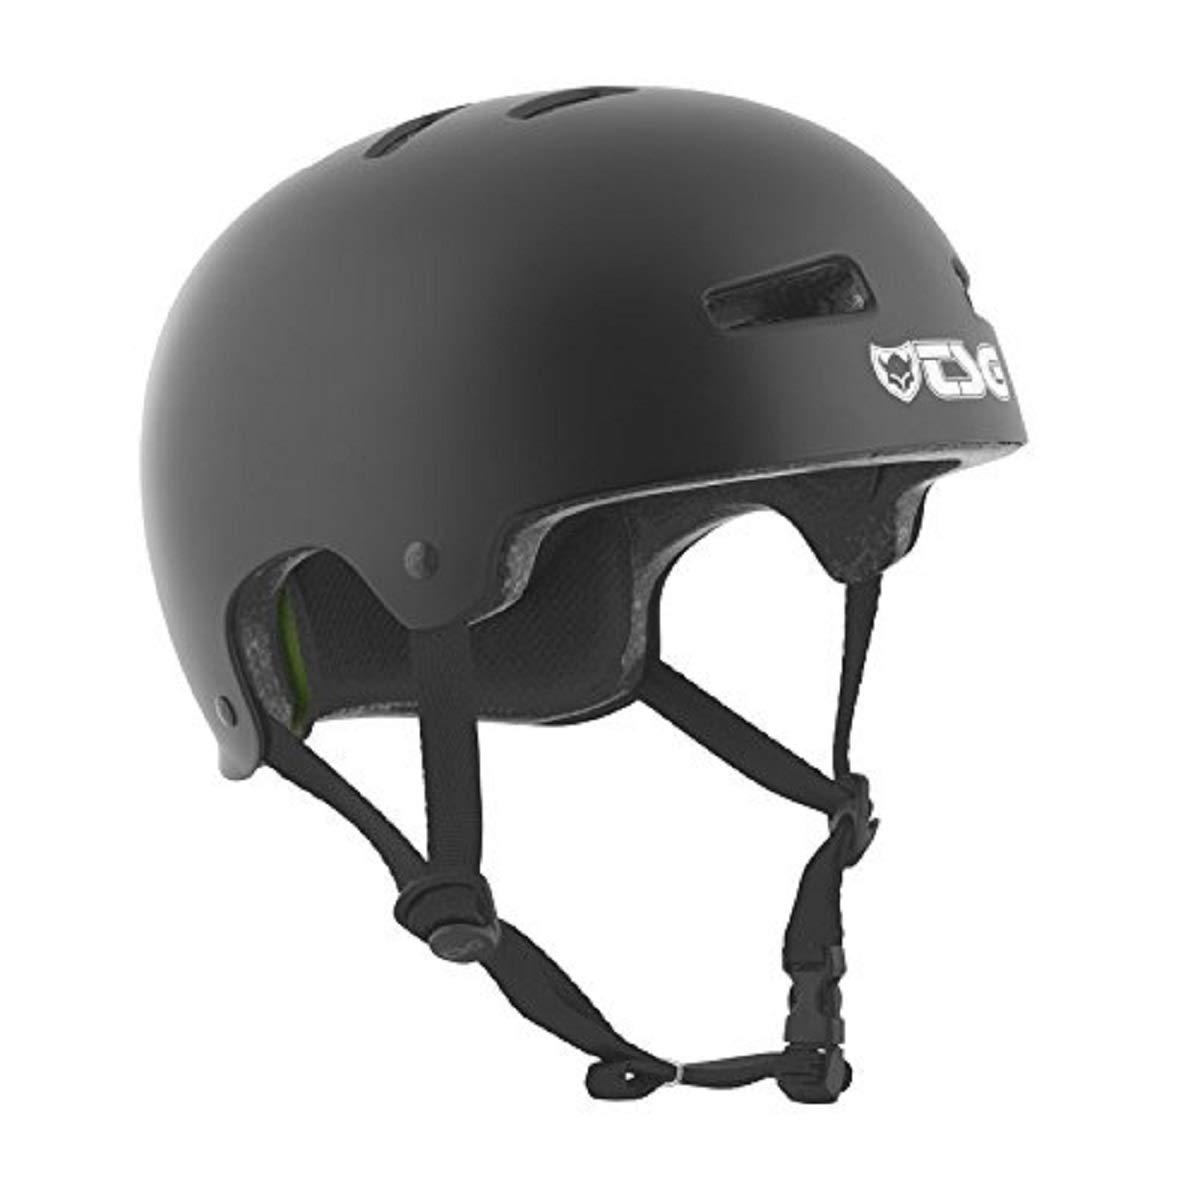 TSG - Evolution Solid Color - Helmet for Bicycle Skateboard (Satin Black, L/XL 57-59 cm)